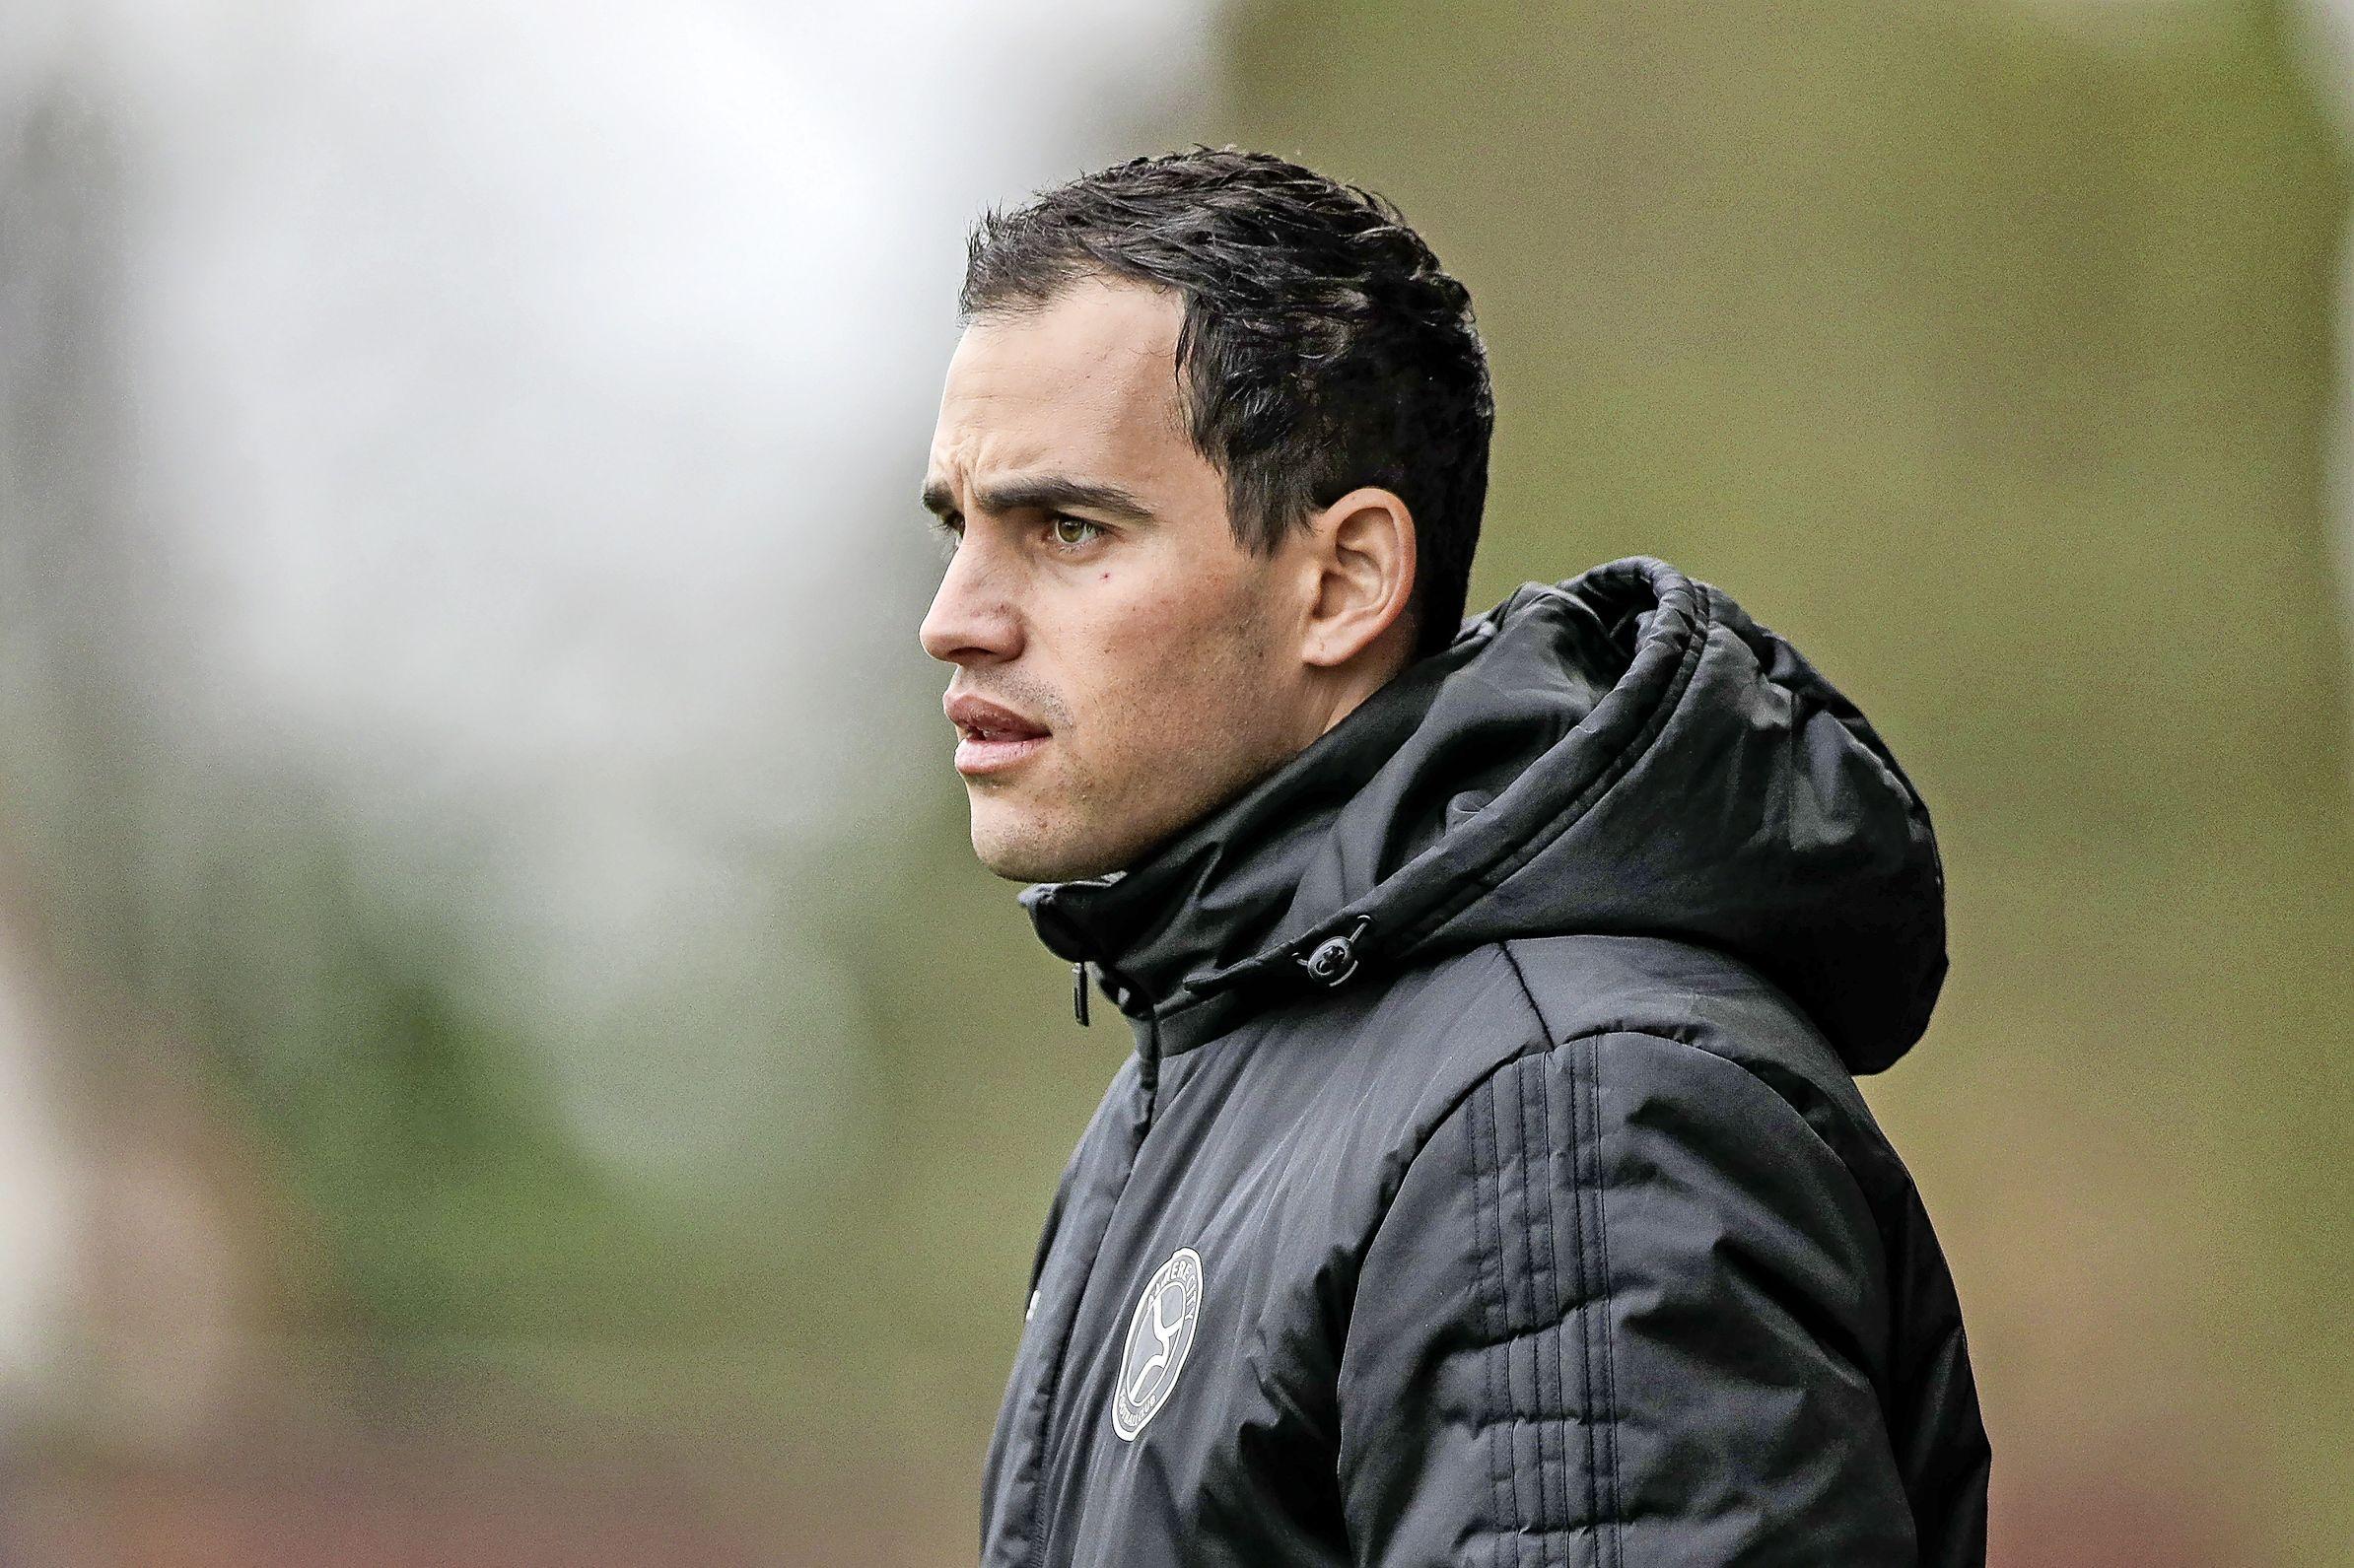 Trainer Florian Wolf (34) uit Assendelft bewandelt al vanaf zijn zeventiende het pad dat hem uiteindelijk naar het betaald voetbal moet leiden